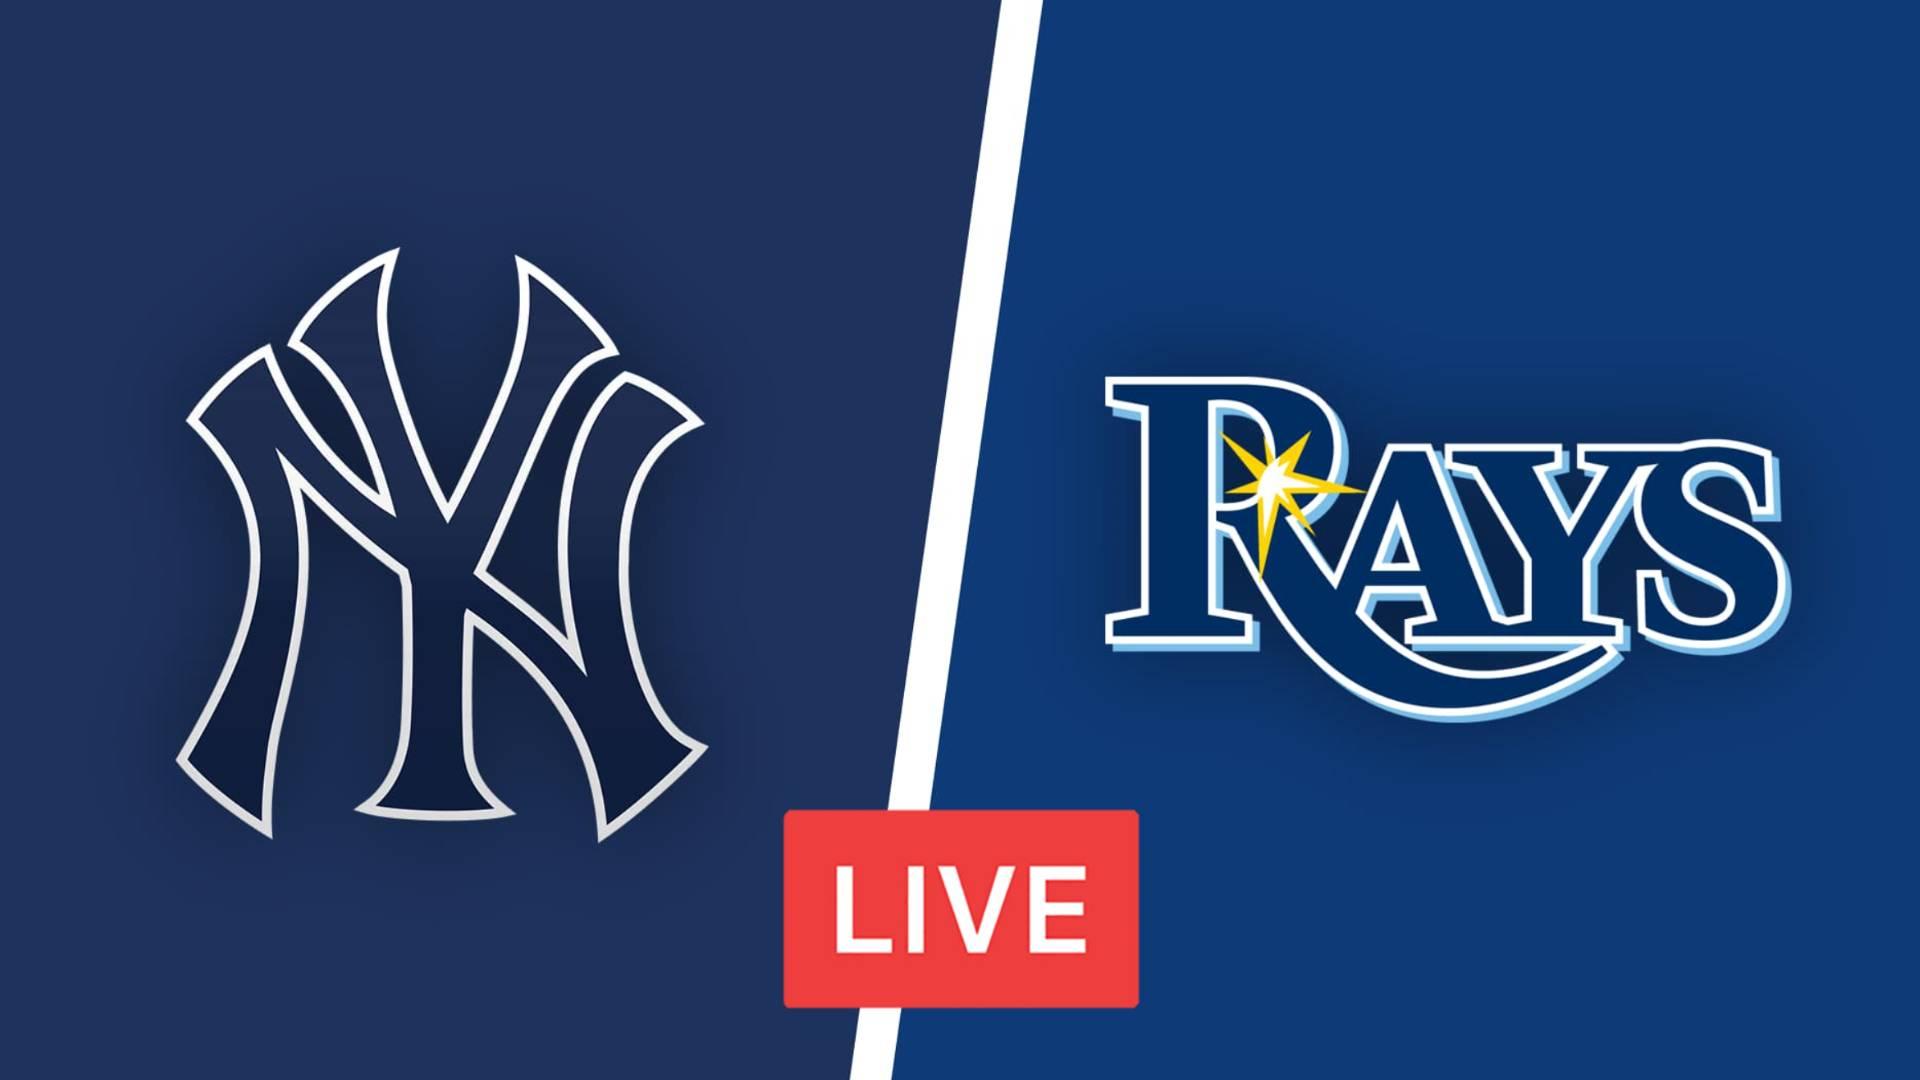 MIRAR AQUI EN VIVO ONLINE GRATIS New York Yankees vs.Tampa Bay Rays